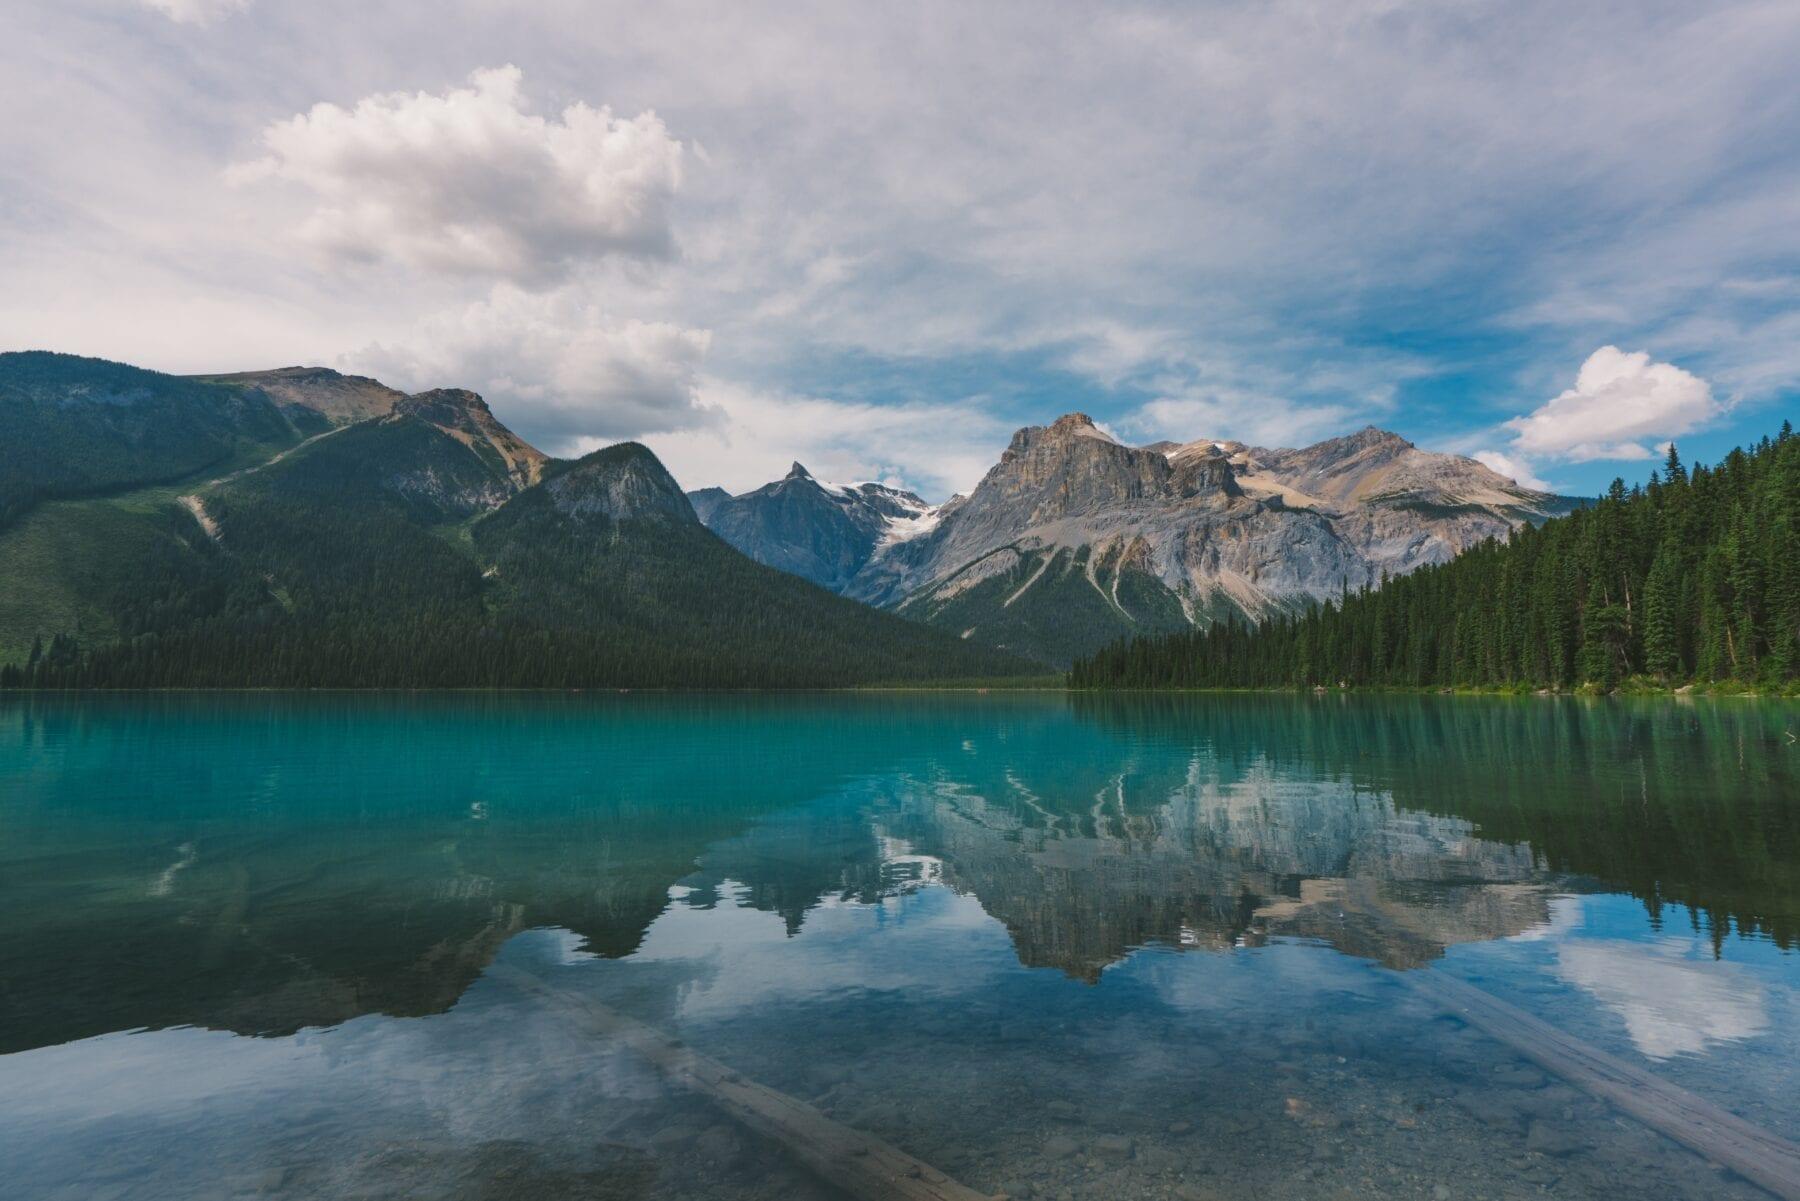 Canadese natinoale parken gesloten Coronavirus